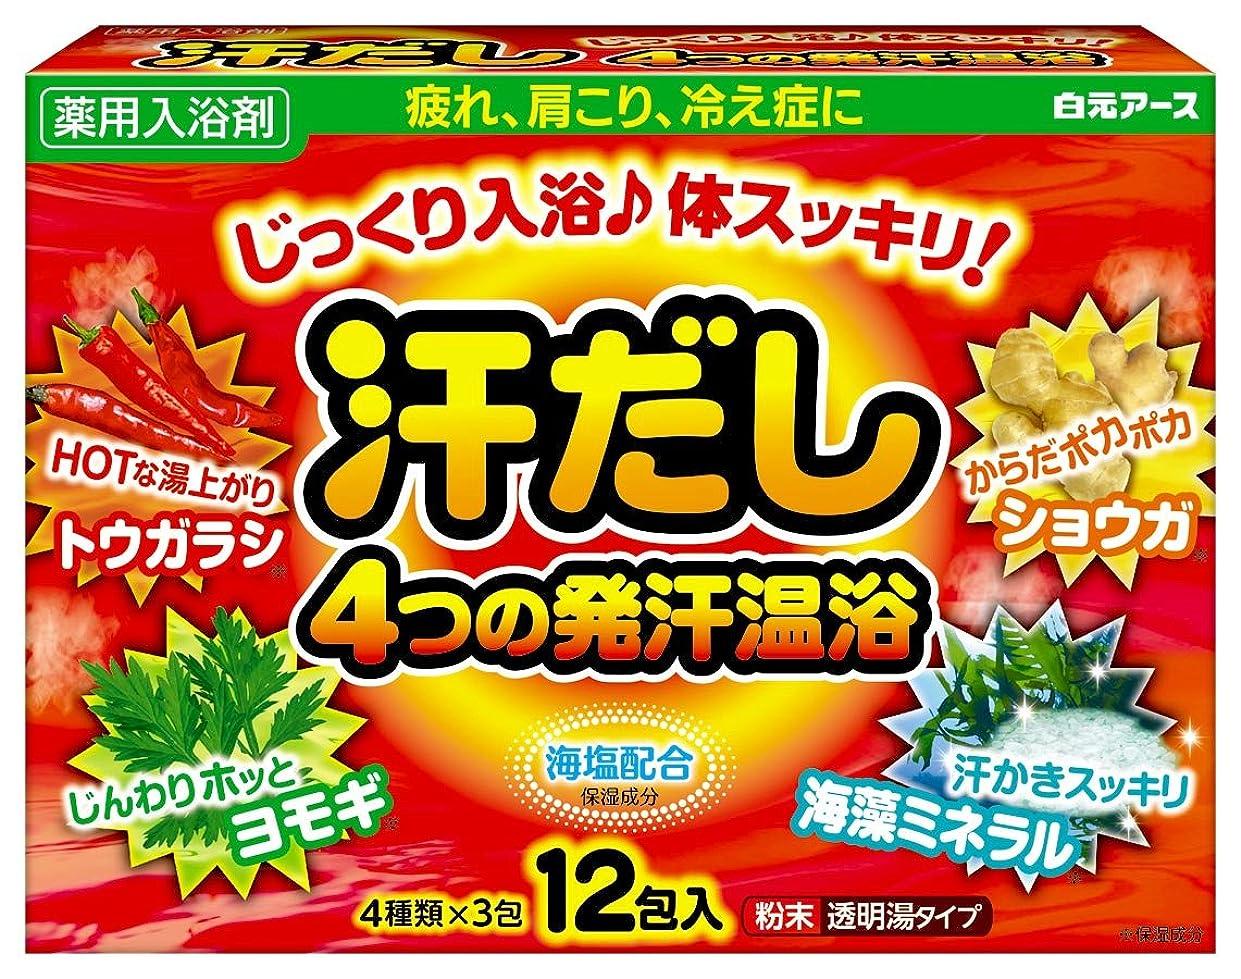 慣性トマト奨励します薬用入浴剤 汗だし4つの発汗温浴 4種類×3包入 [医薬部外品]